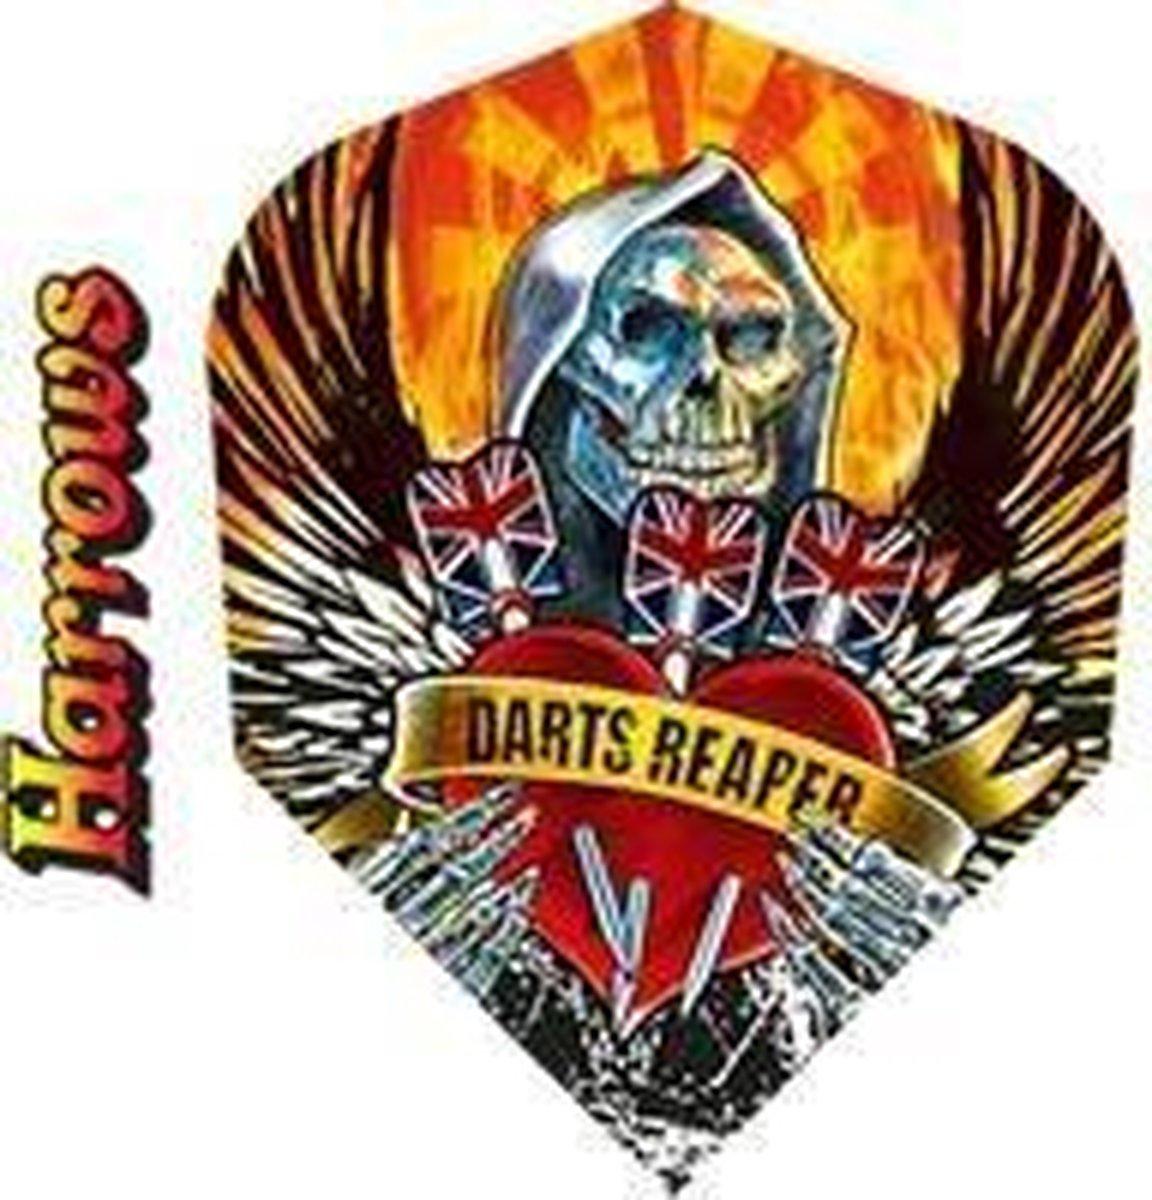 Harrows Quadro Darts Reaper Set à 3 stuks